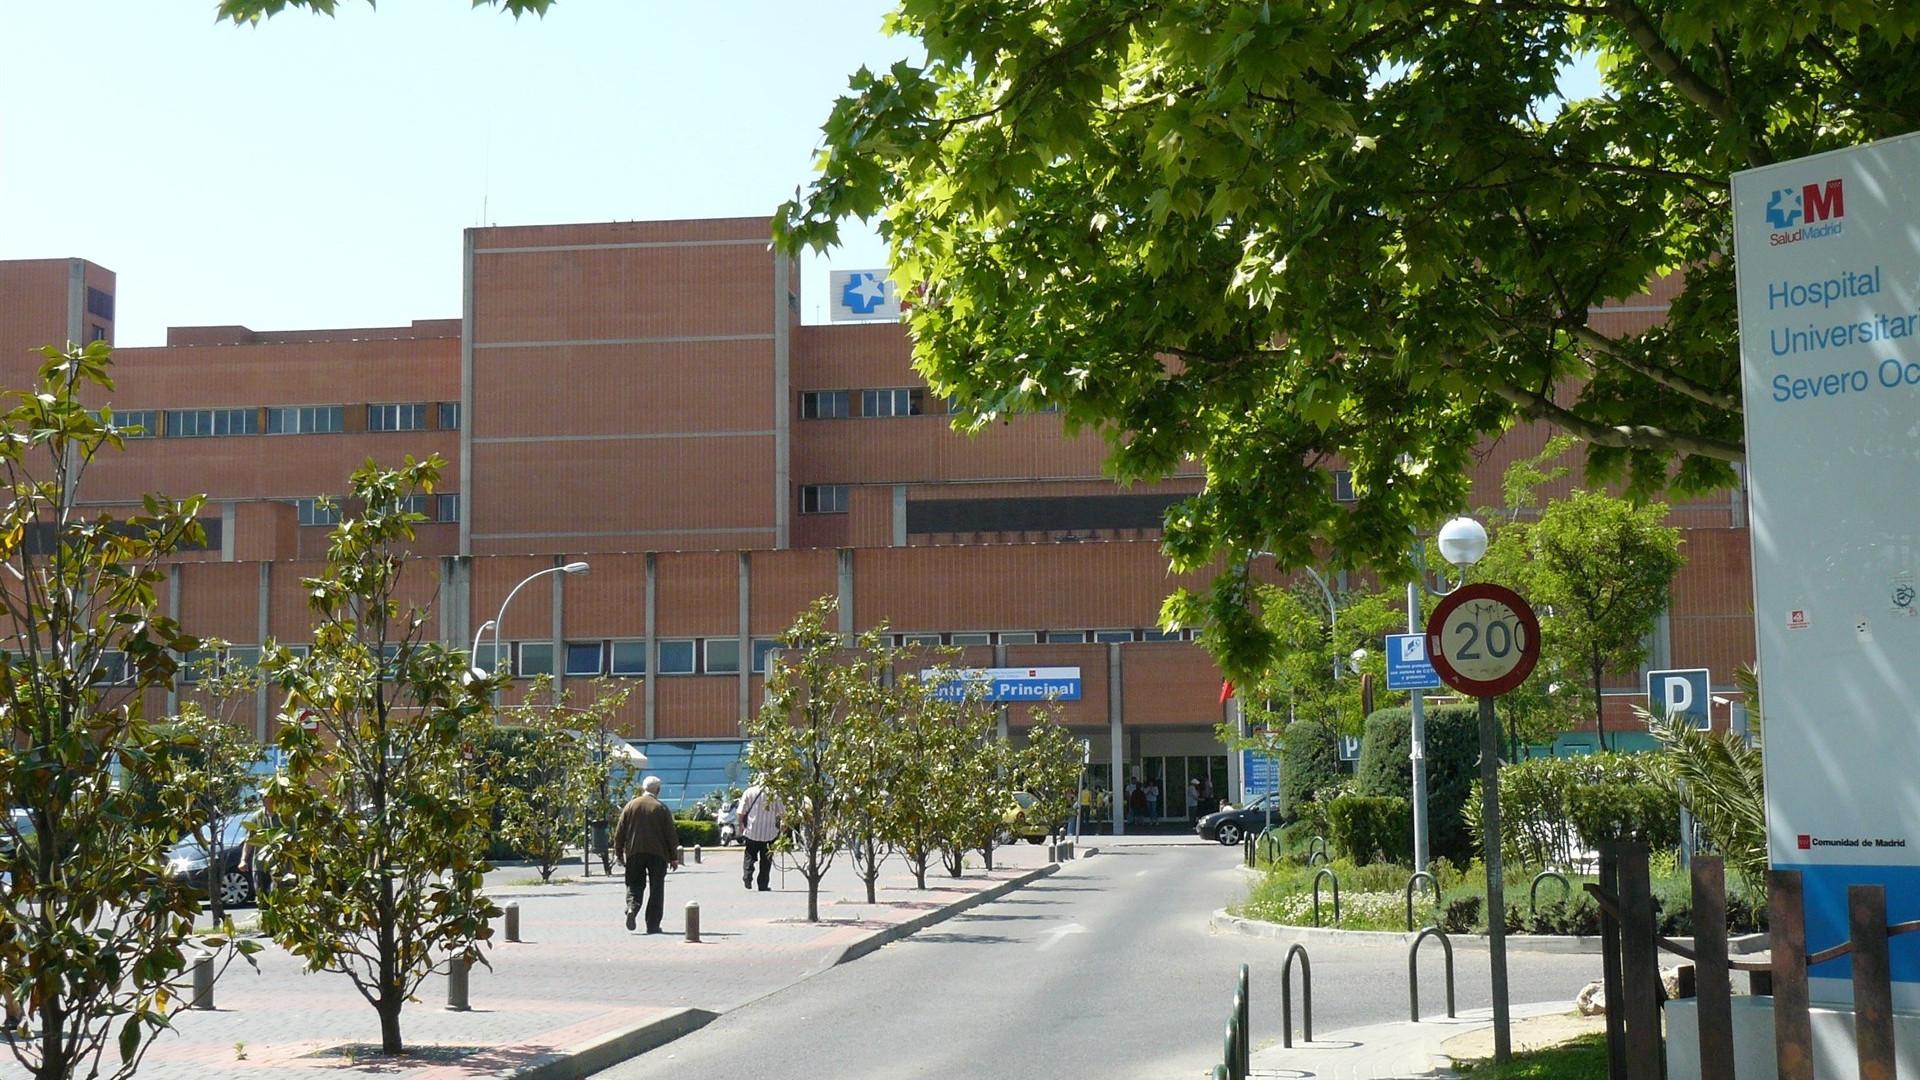 Hospitalacosoescolarleganes